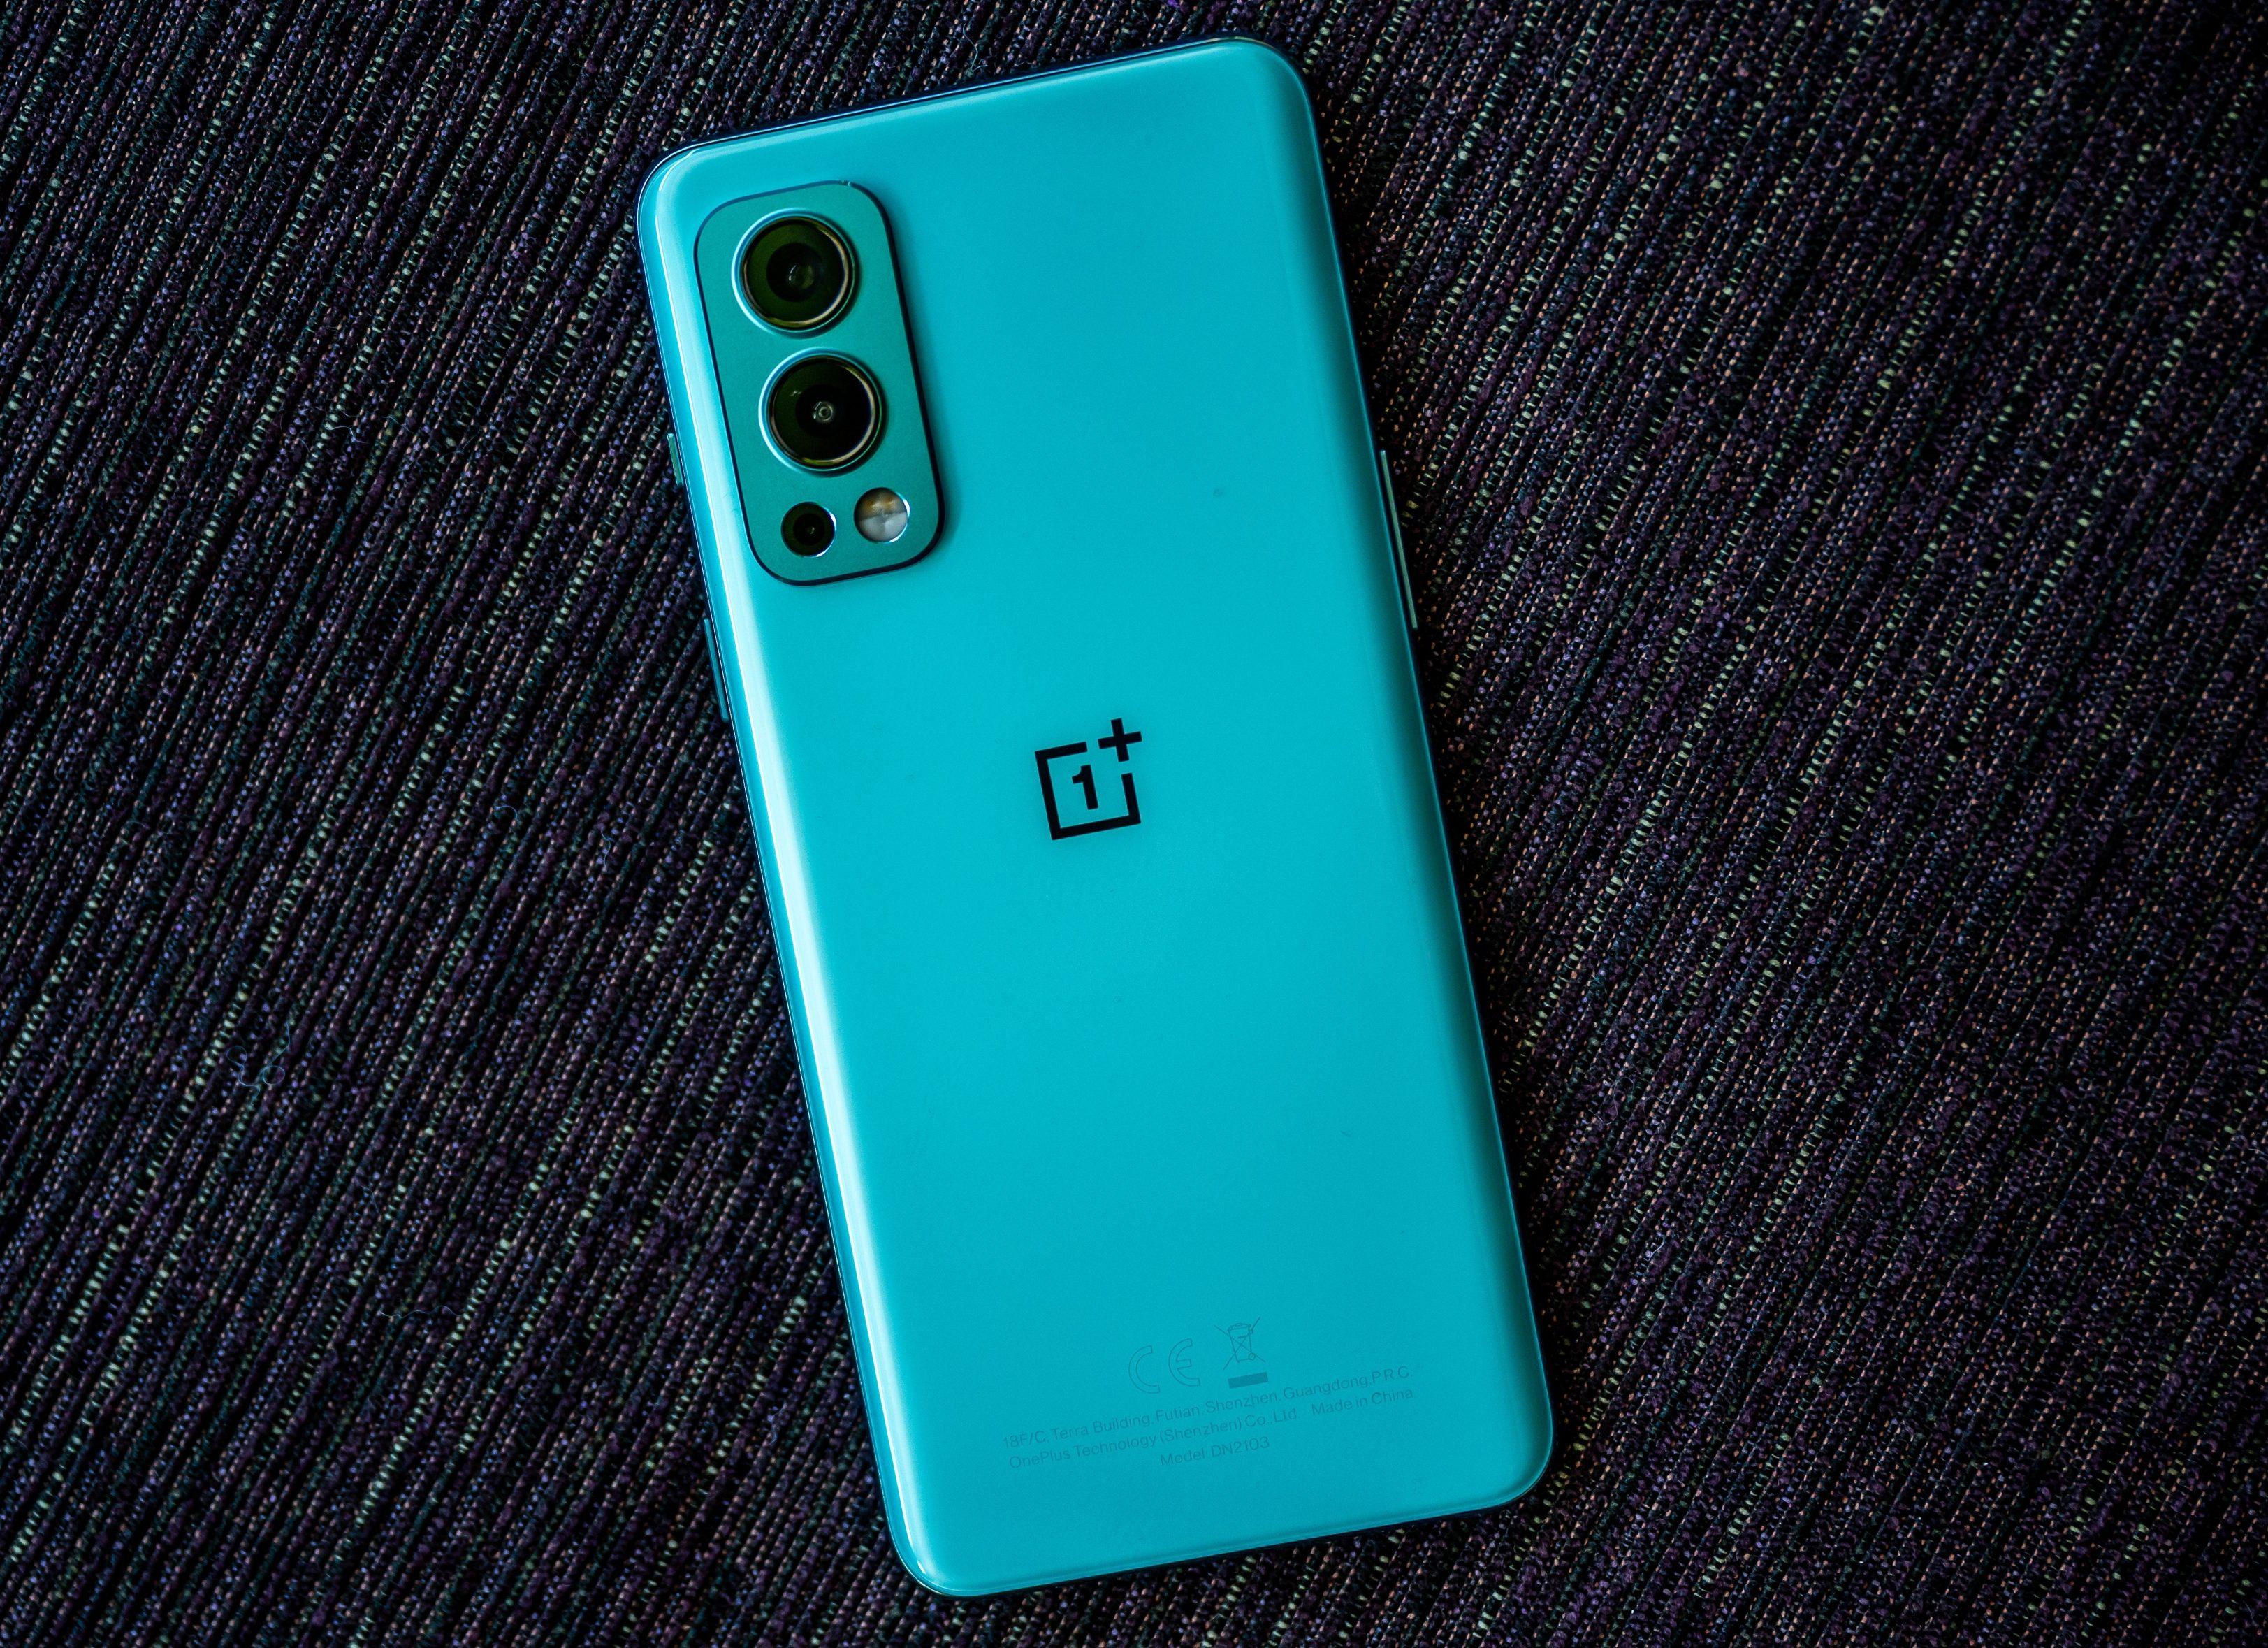 OnePlus Nord 2 5G: itt az egyik legjobb középkategóriás mobil